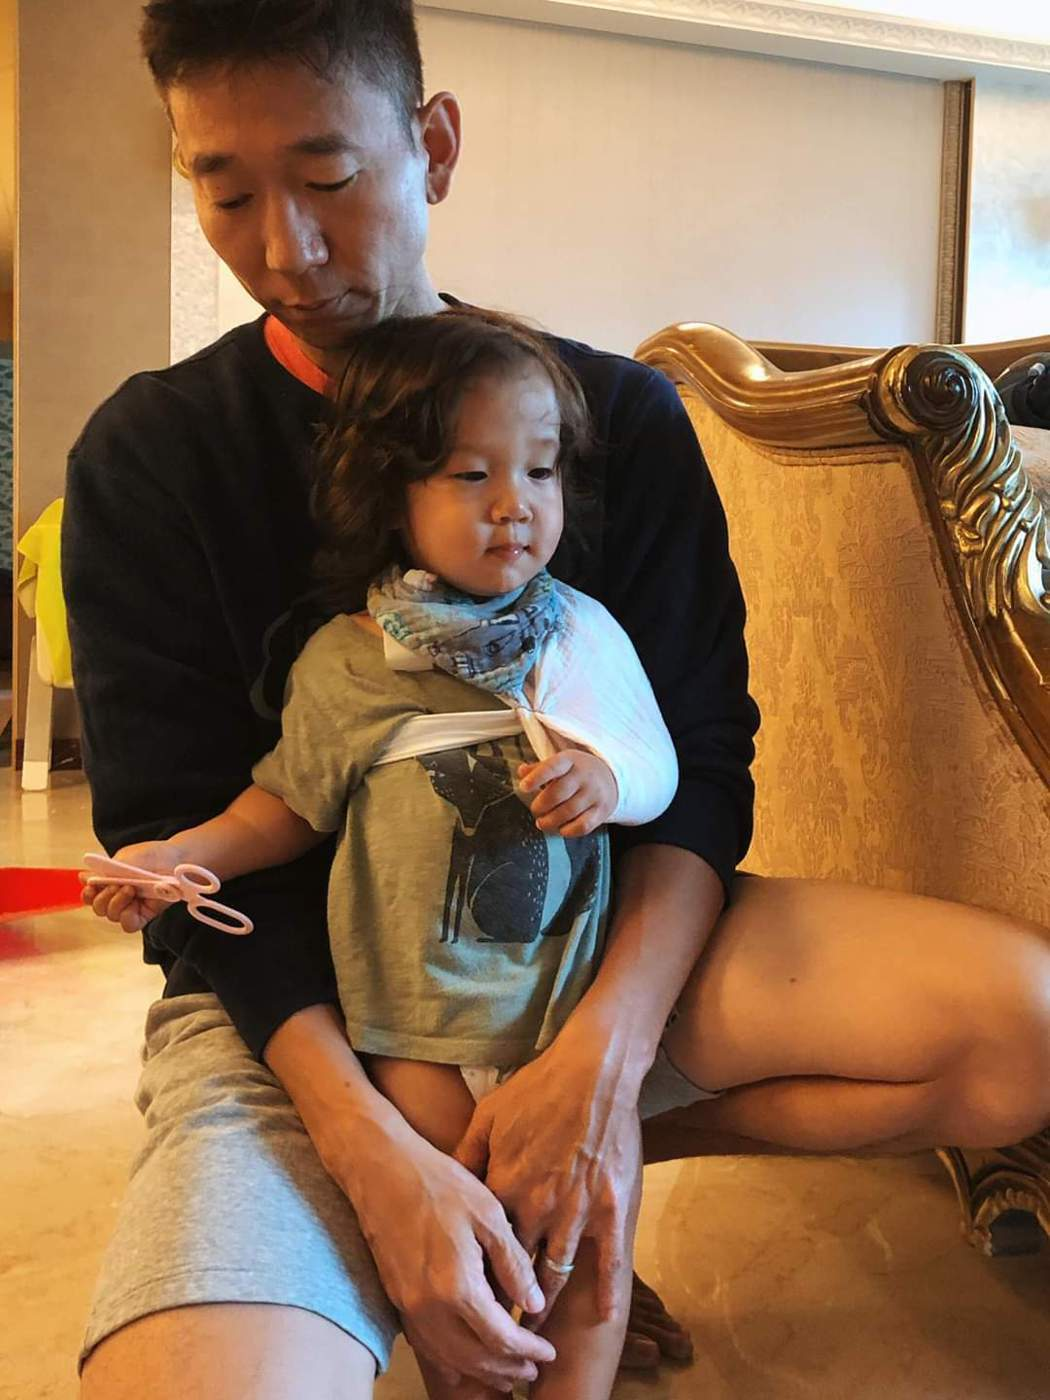 奧里鎖骨骨折綁上三角巾。圖/摘自臉書